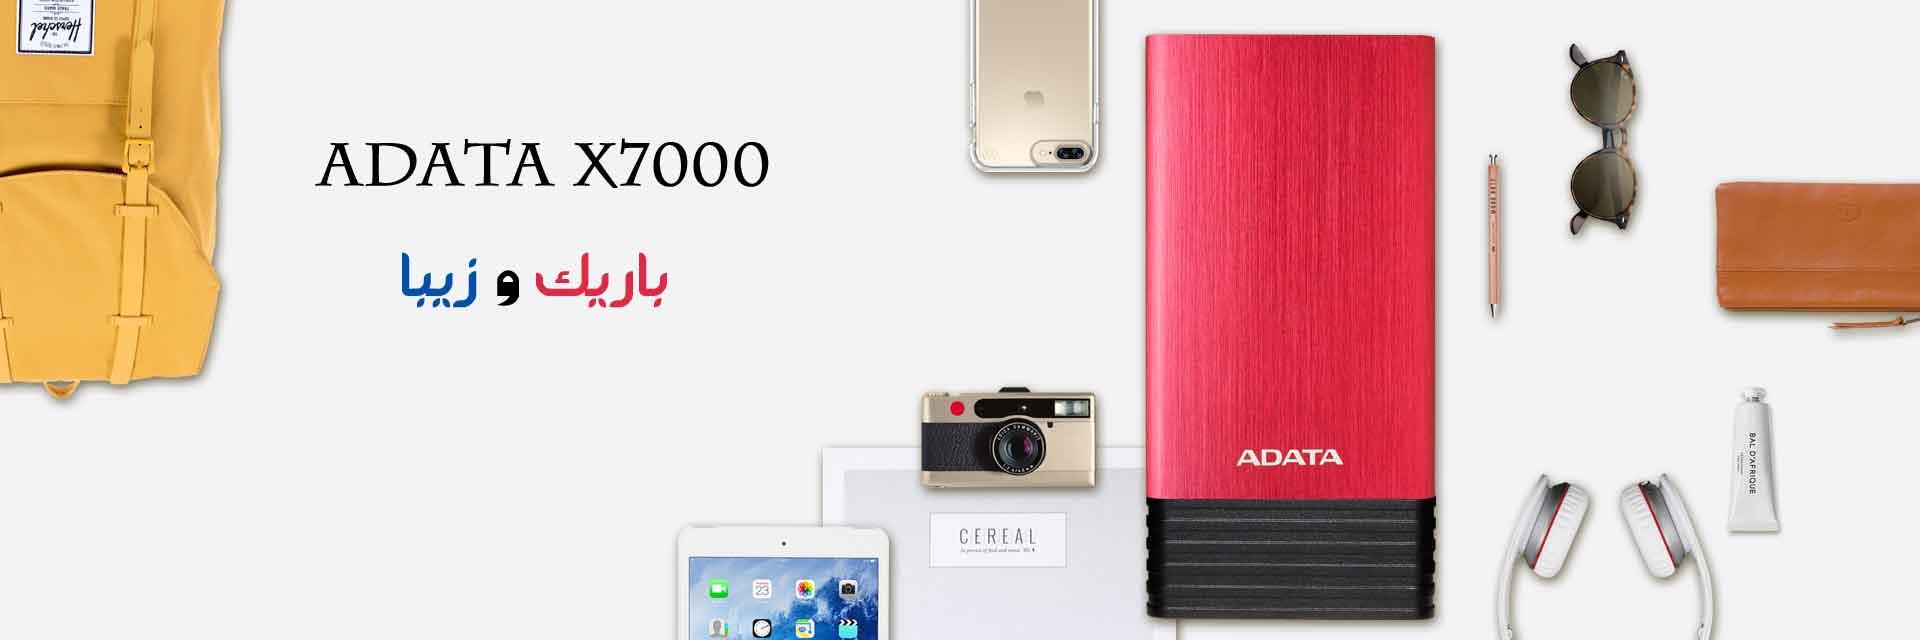 همراه ای دیتا مدل x7000 ظرفیت 7000 میلی آمپر ساعت 7 - شارژر همراه ای دیتا مدل X7000 ظرفیت 7000 میلی آمپر ساعت